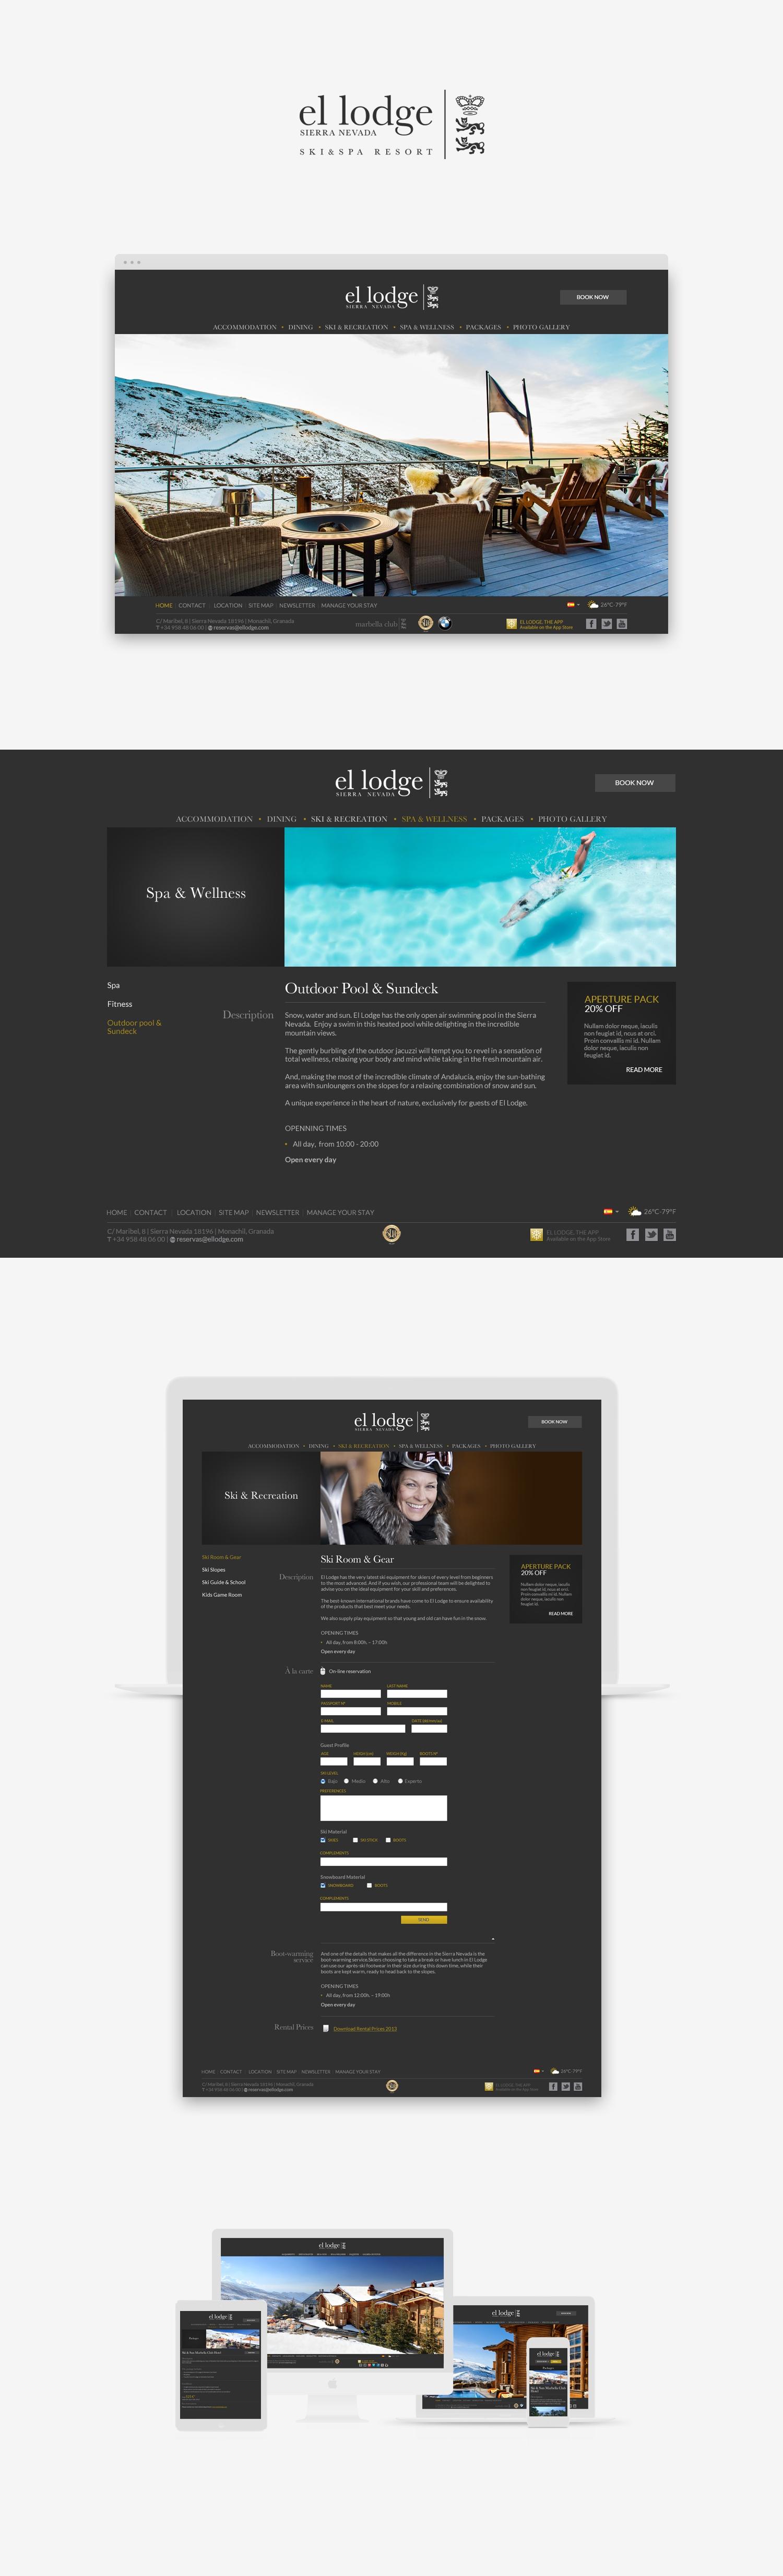 Wordpress · Diseño web · El lodge · Samuel Matito · diseñador freelance